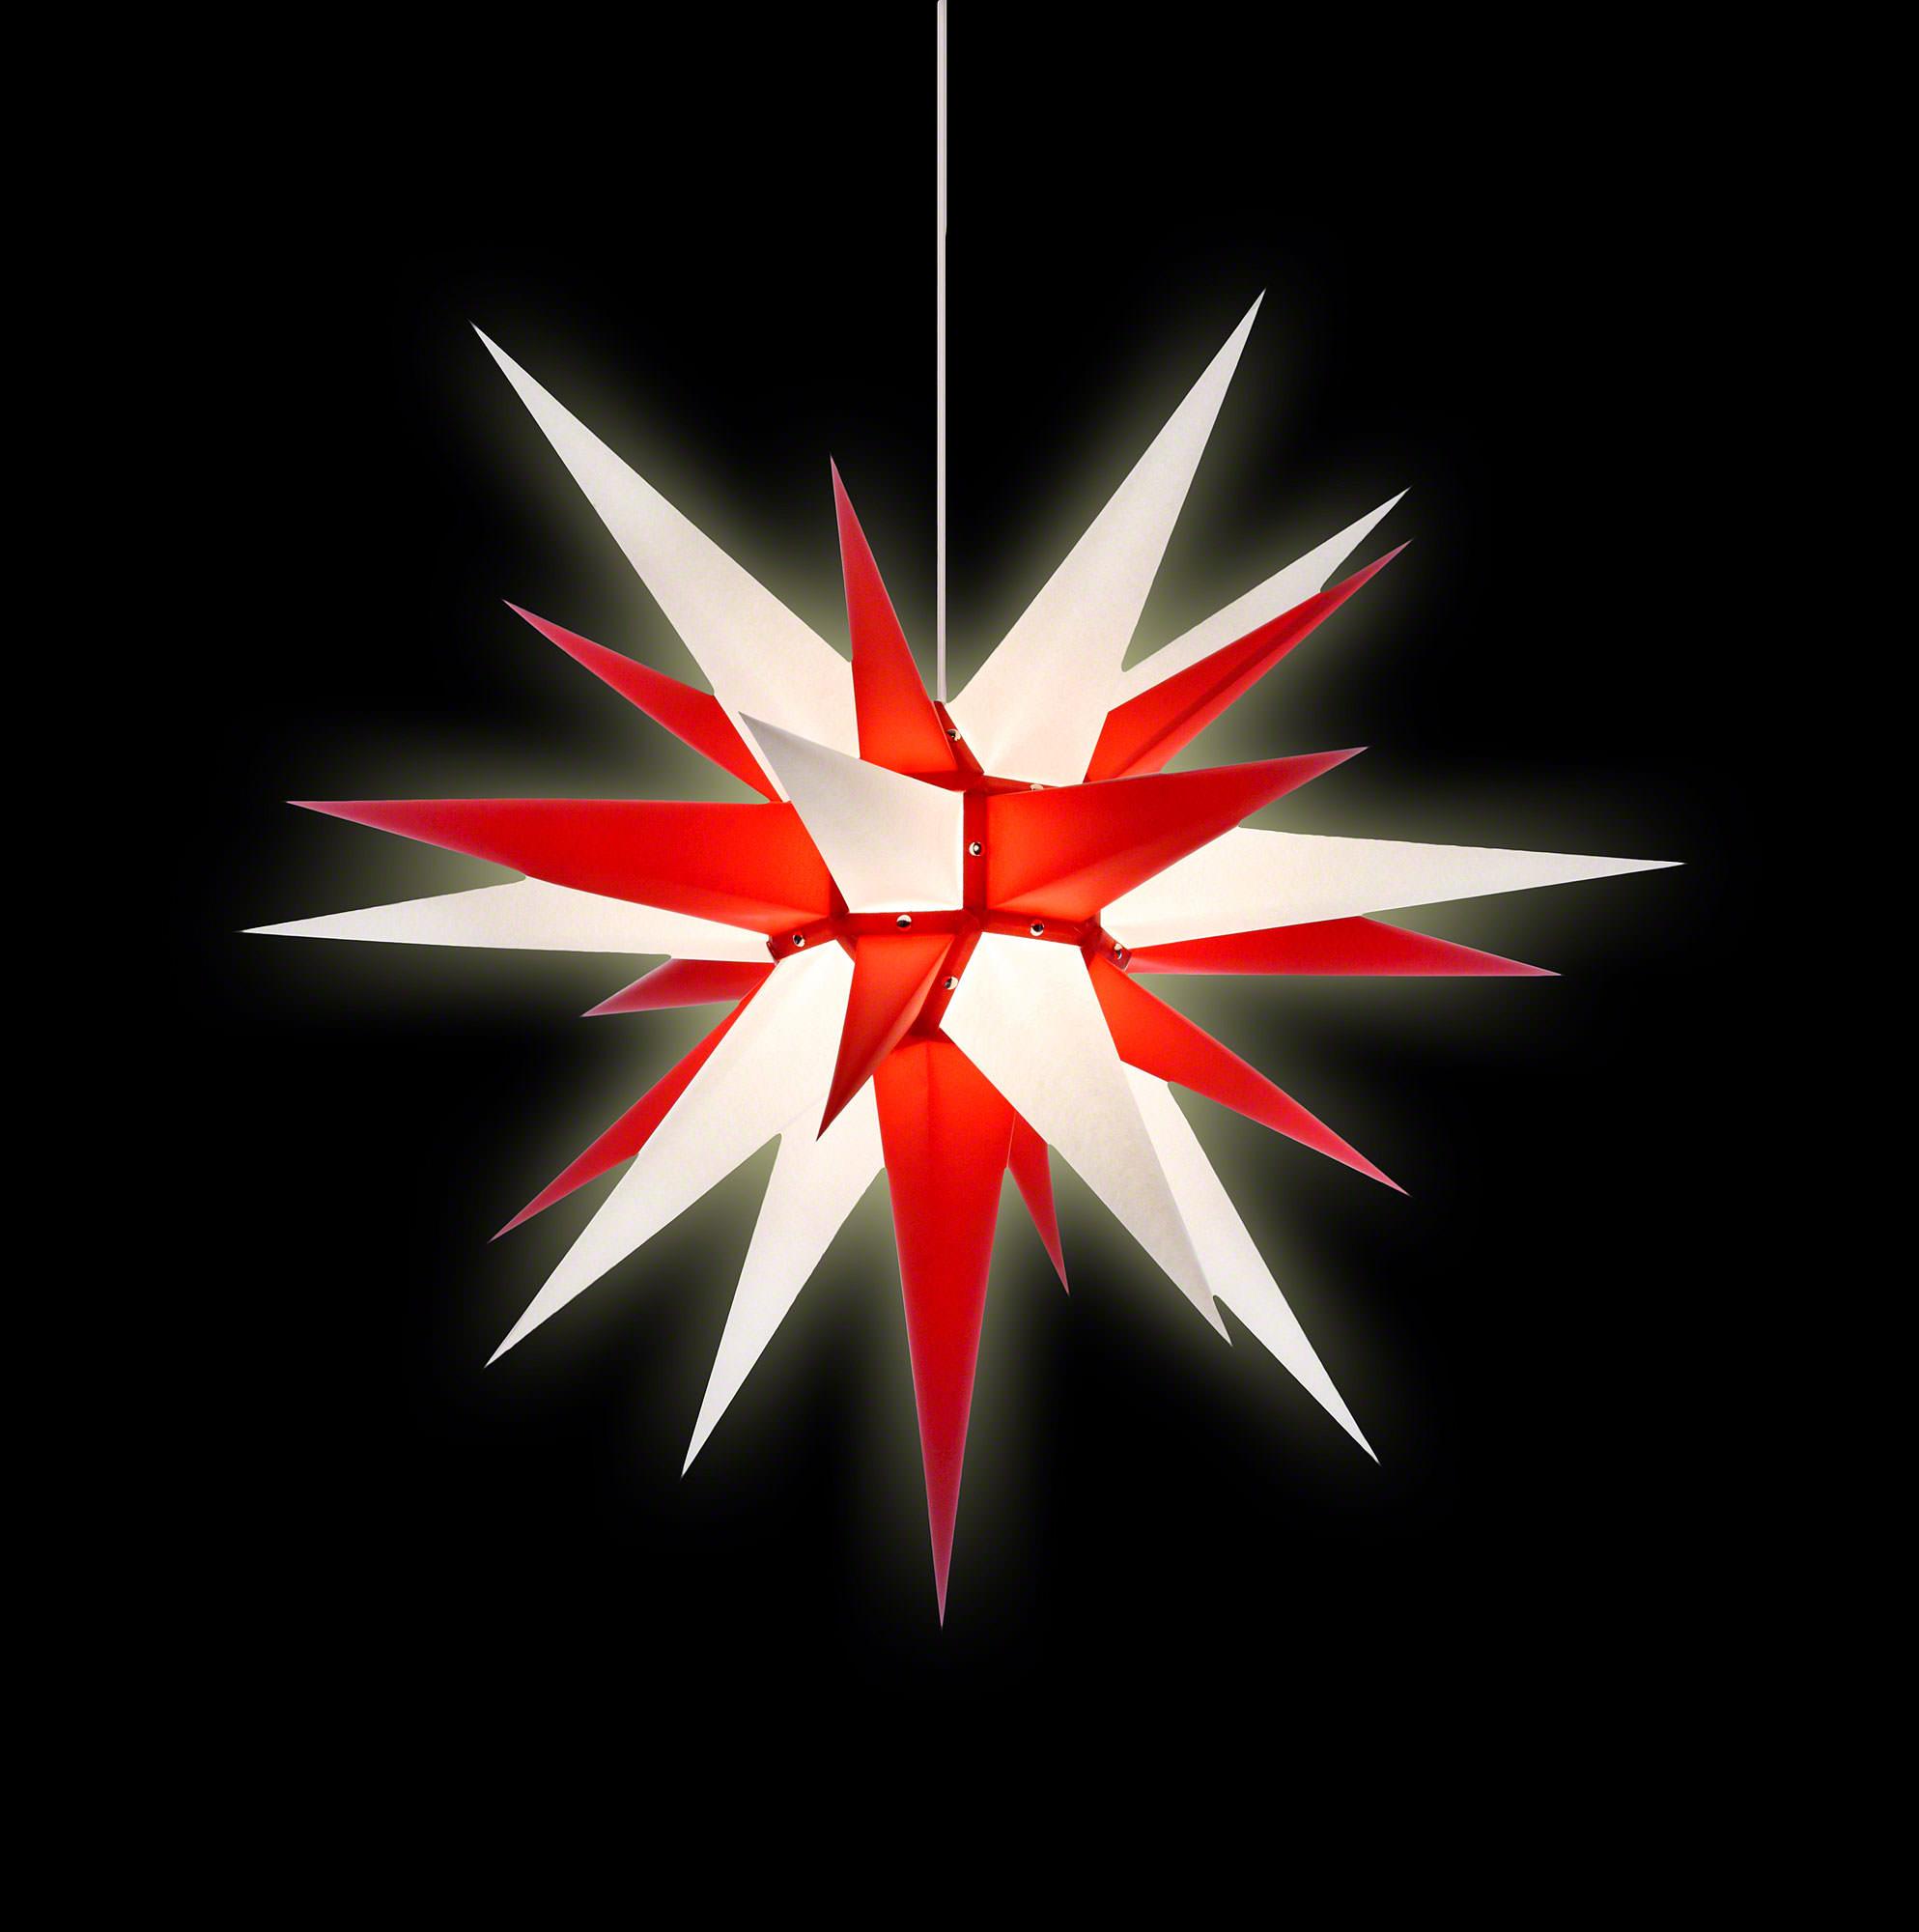 herrnhuter stern i7 wei rot papier 70 cm von herrnhuter. Black Bedroom Furniture Sets. Home Design Ideas